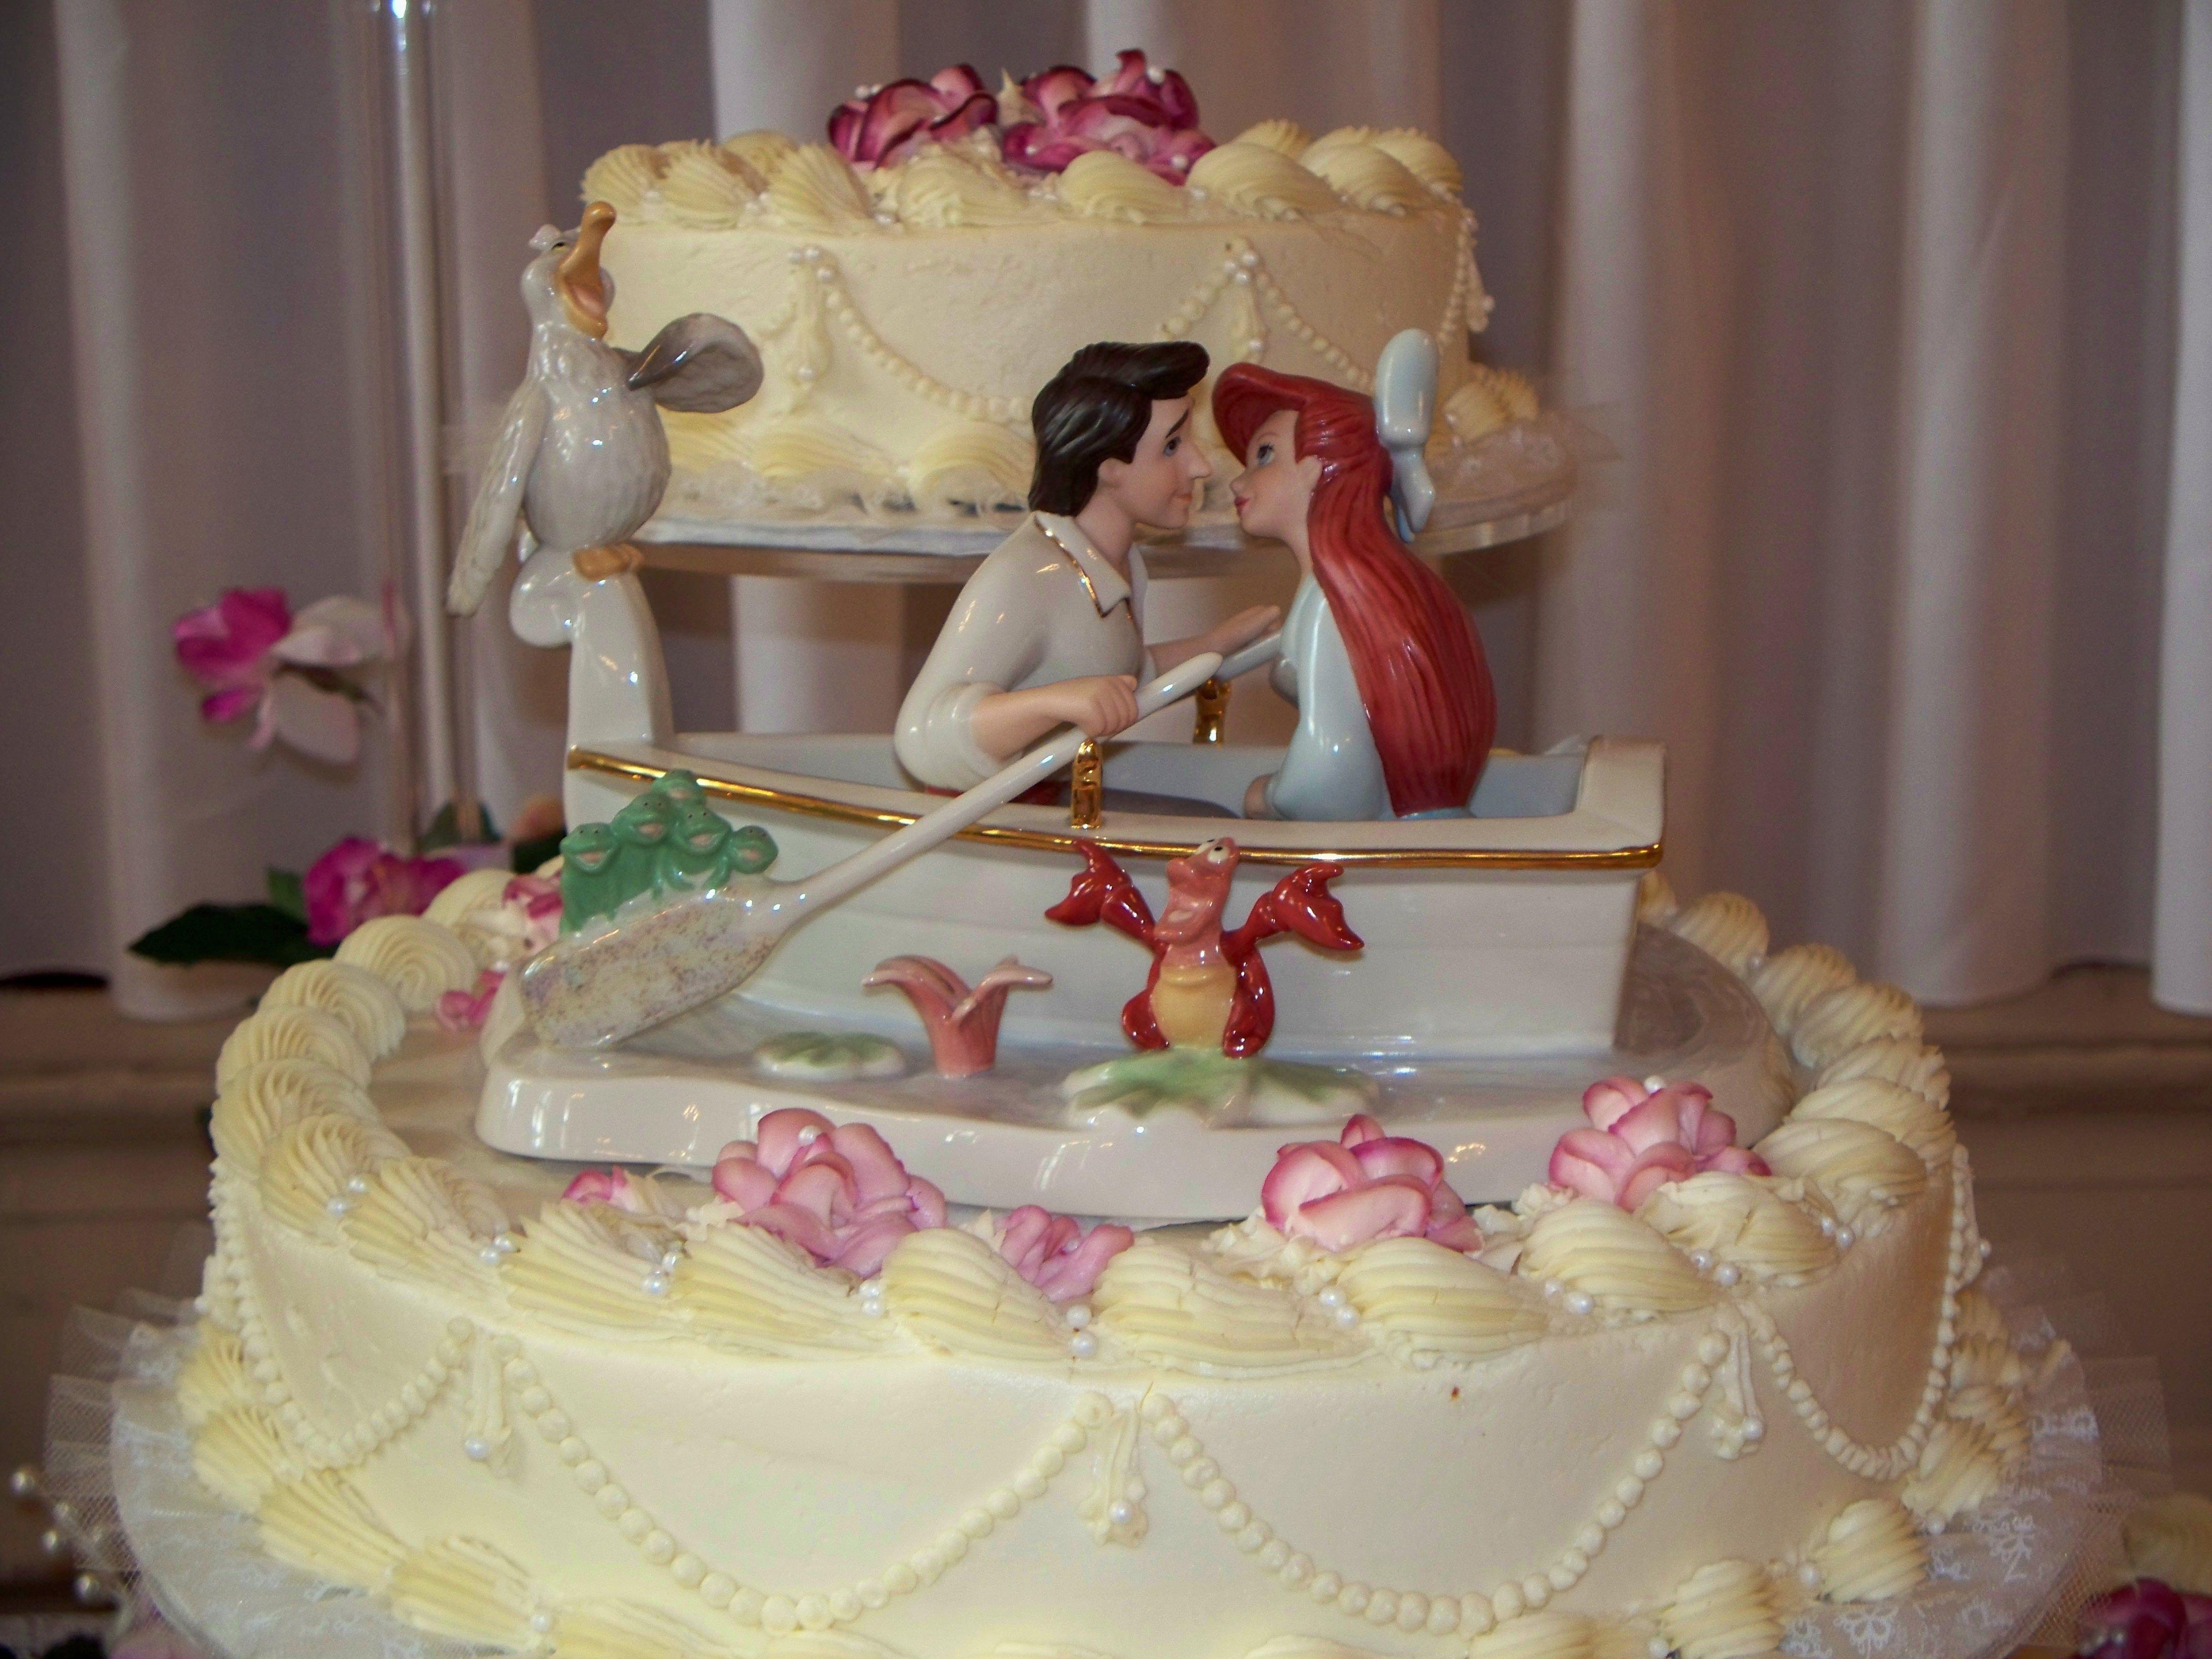 A Disney princess wedding calls for a princess-worthy cake ...